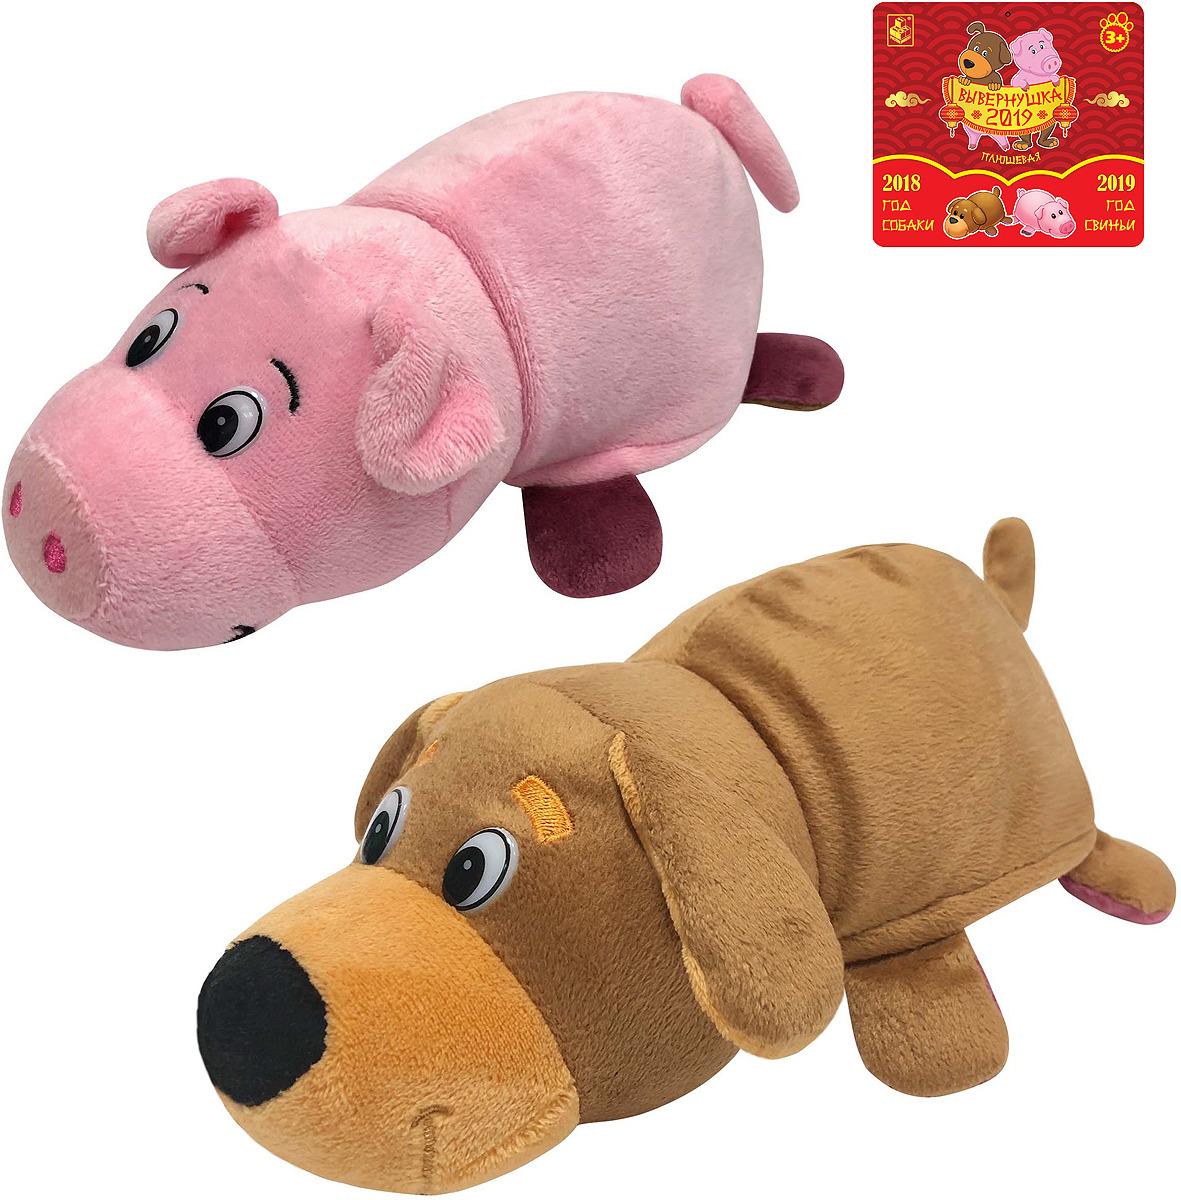 Мягкая игрушка 1TOY Вывернушка 2 в 1 Символы года Собака-Свинья, Т13797-18 мягкие игрушки 1toy мягкая игрушка 1toy вывернушка 20 см в асс